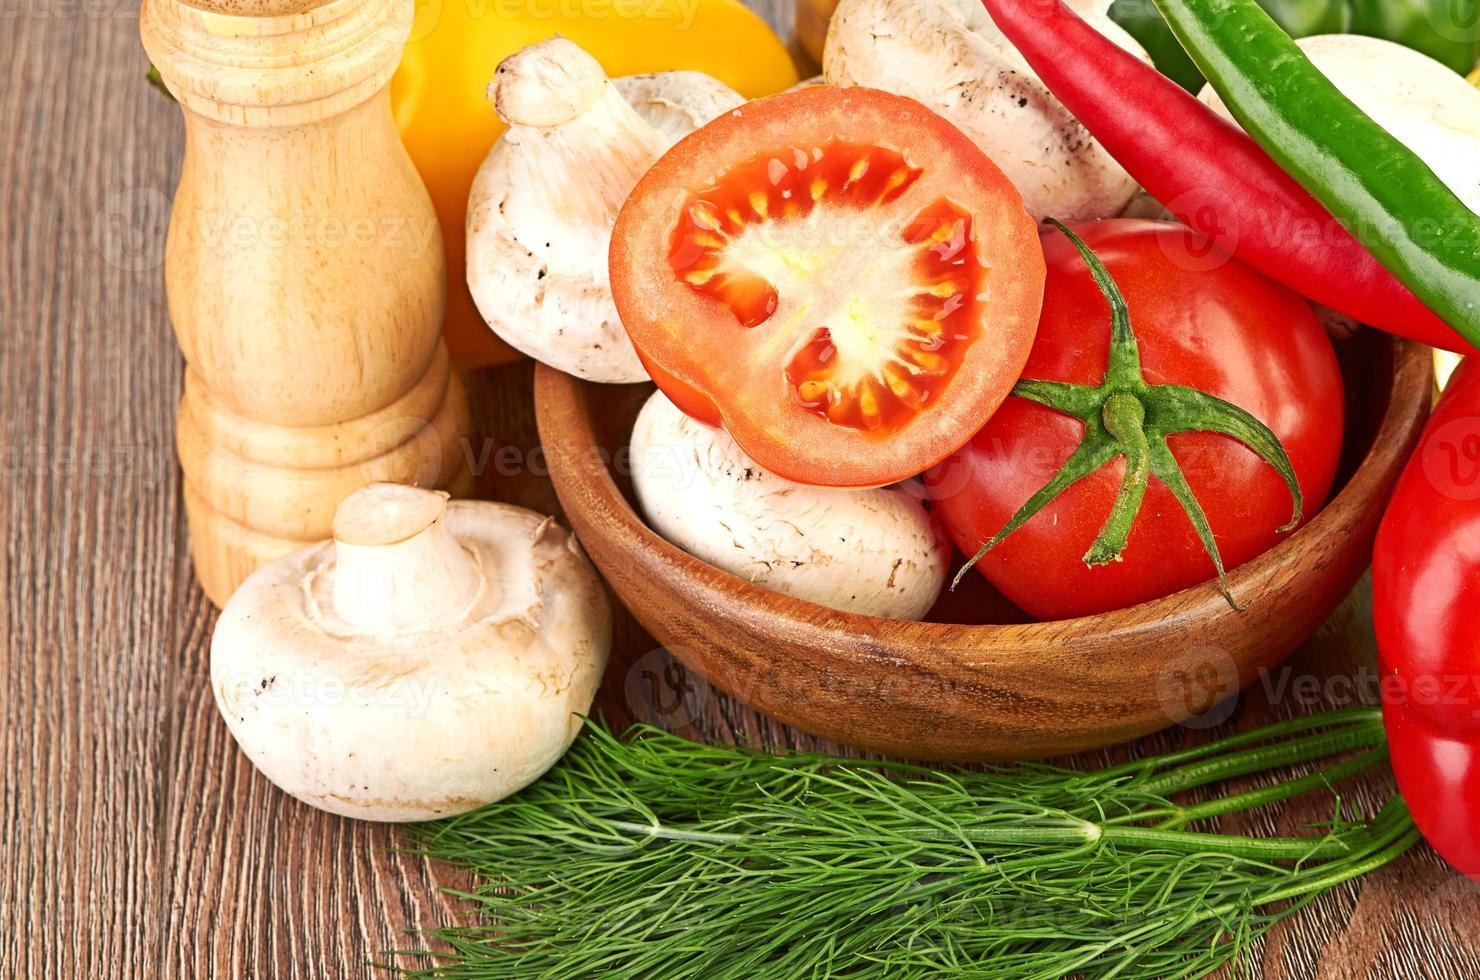 légumes frais et champignons photo